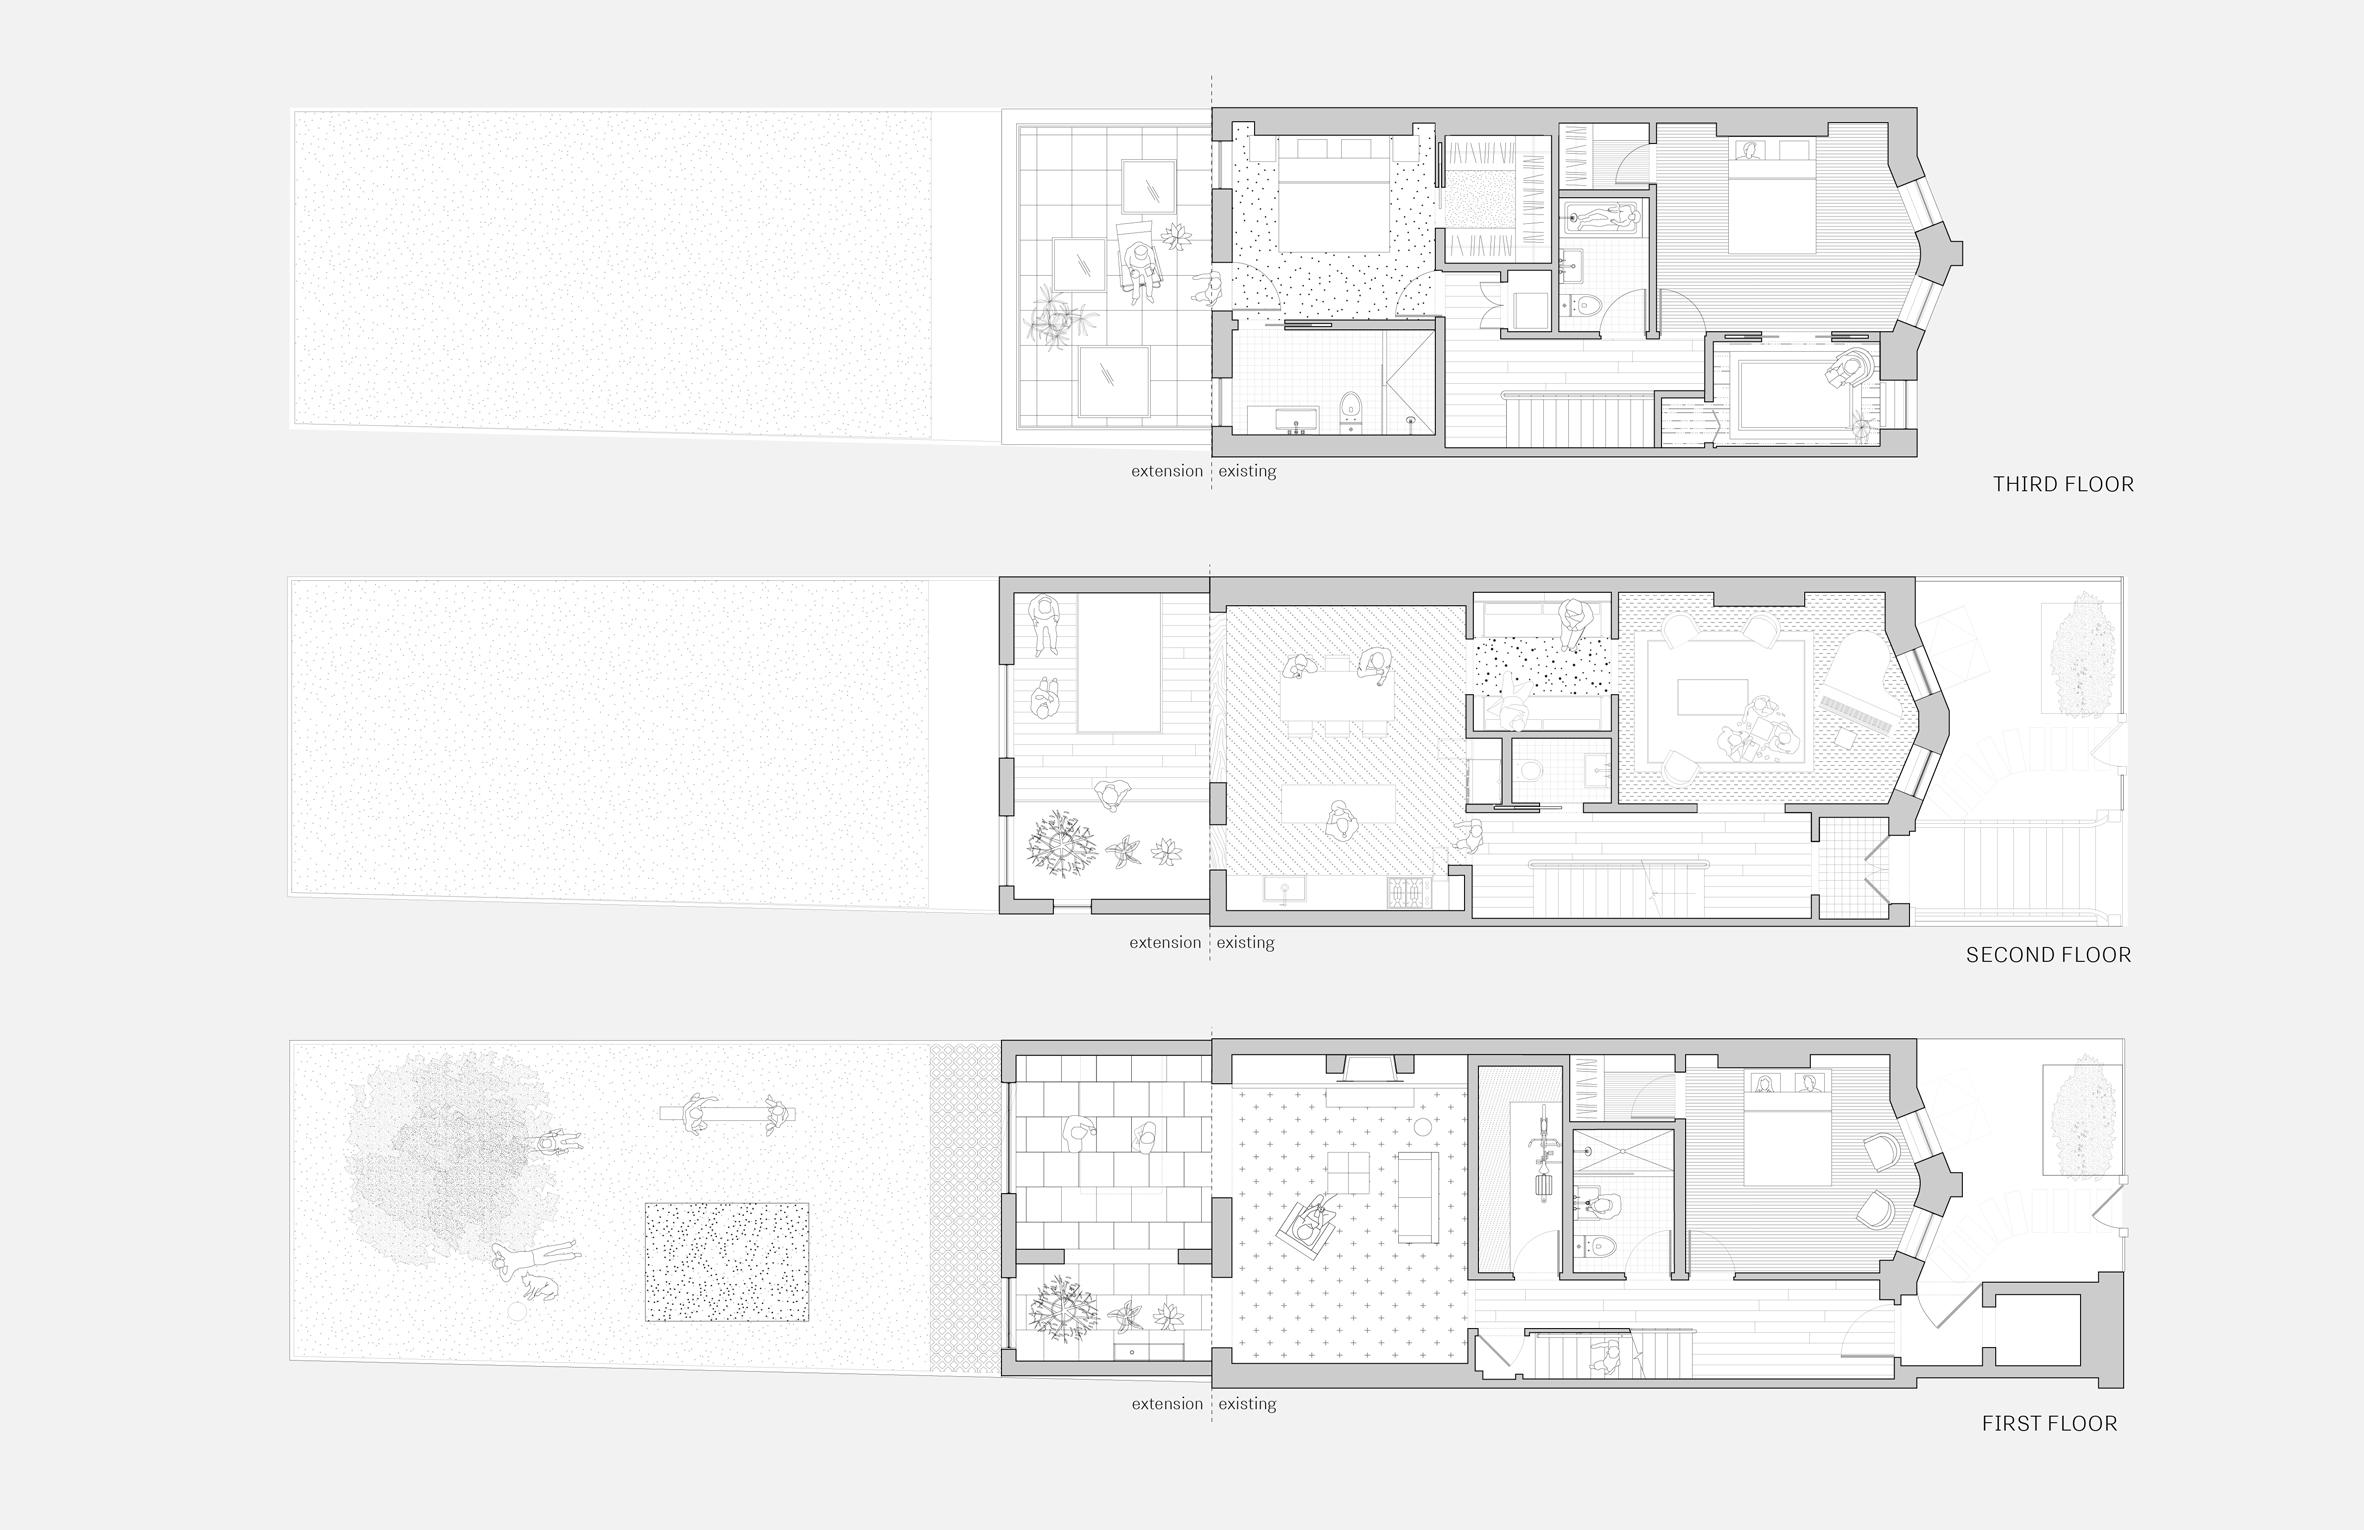 extended townhouse vondalwig architecture brooklyn new york dezeen floor plans - NGÔI NHÀ THÔNG THOÁNG VÀ TRÀN NGẬP ÁNH SÁNG TỰ NHIÊN